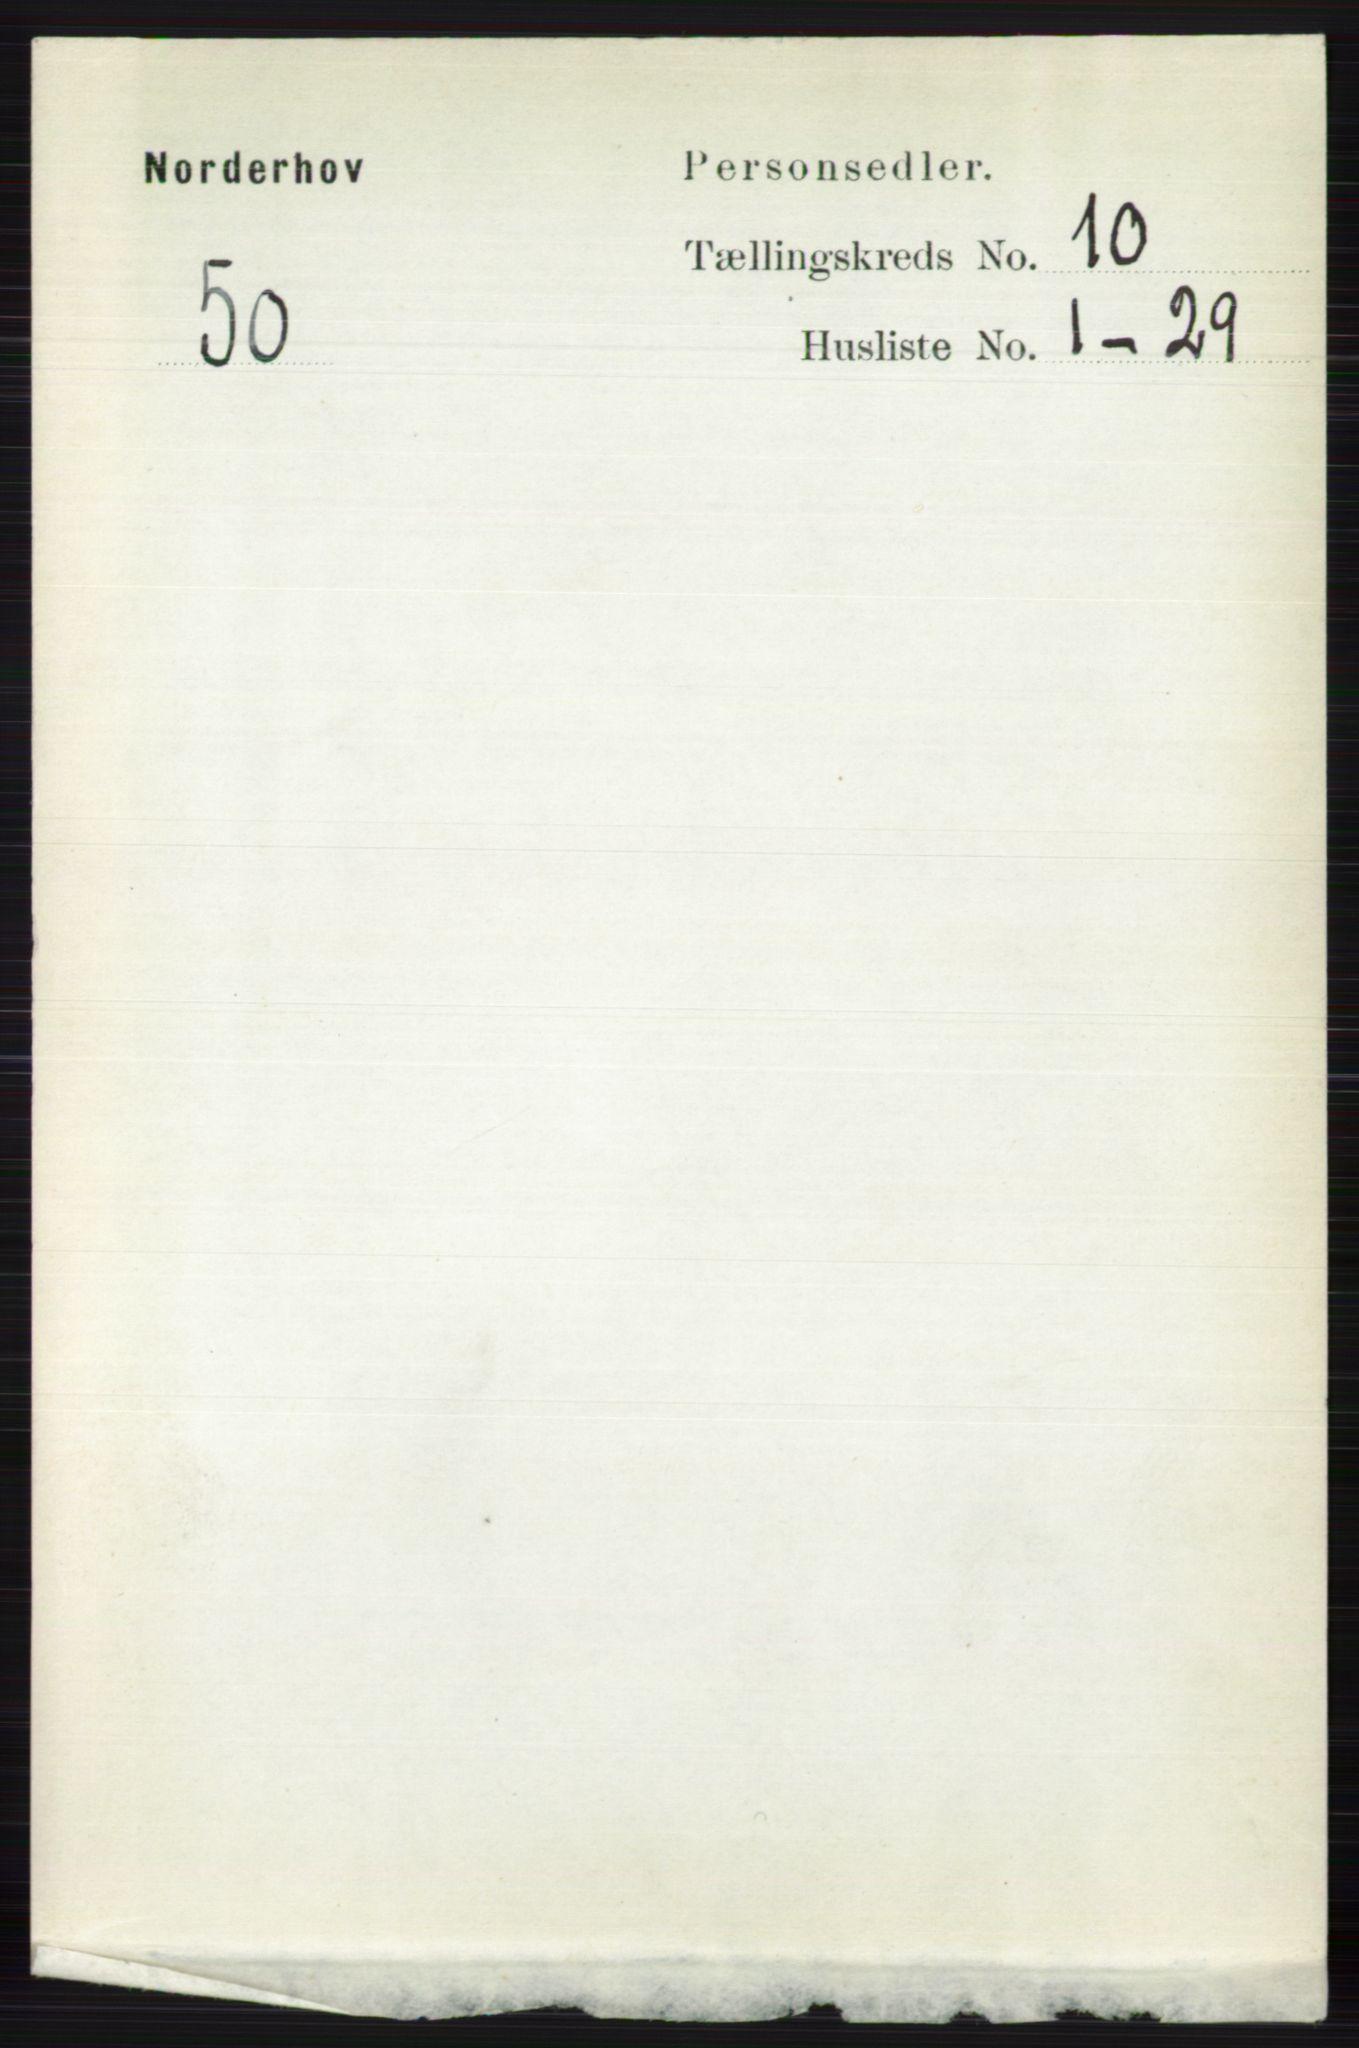 RA, Folketelling 1891 for 0613 Norderhov herred, 1891, s. 7512